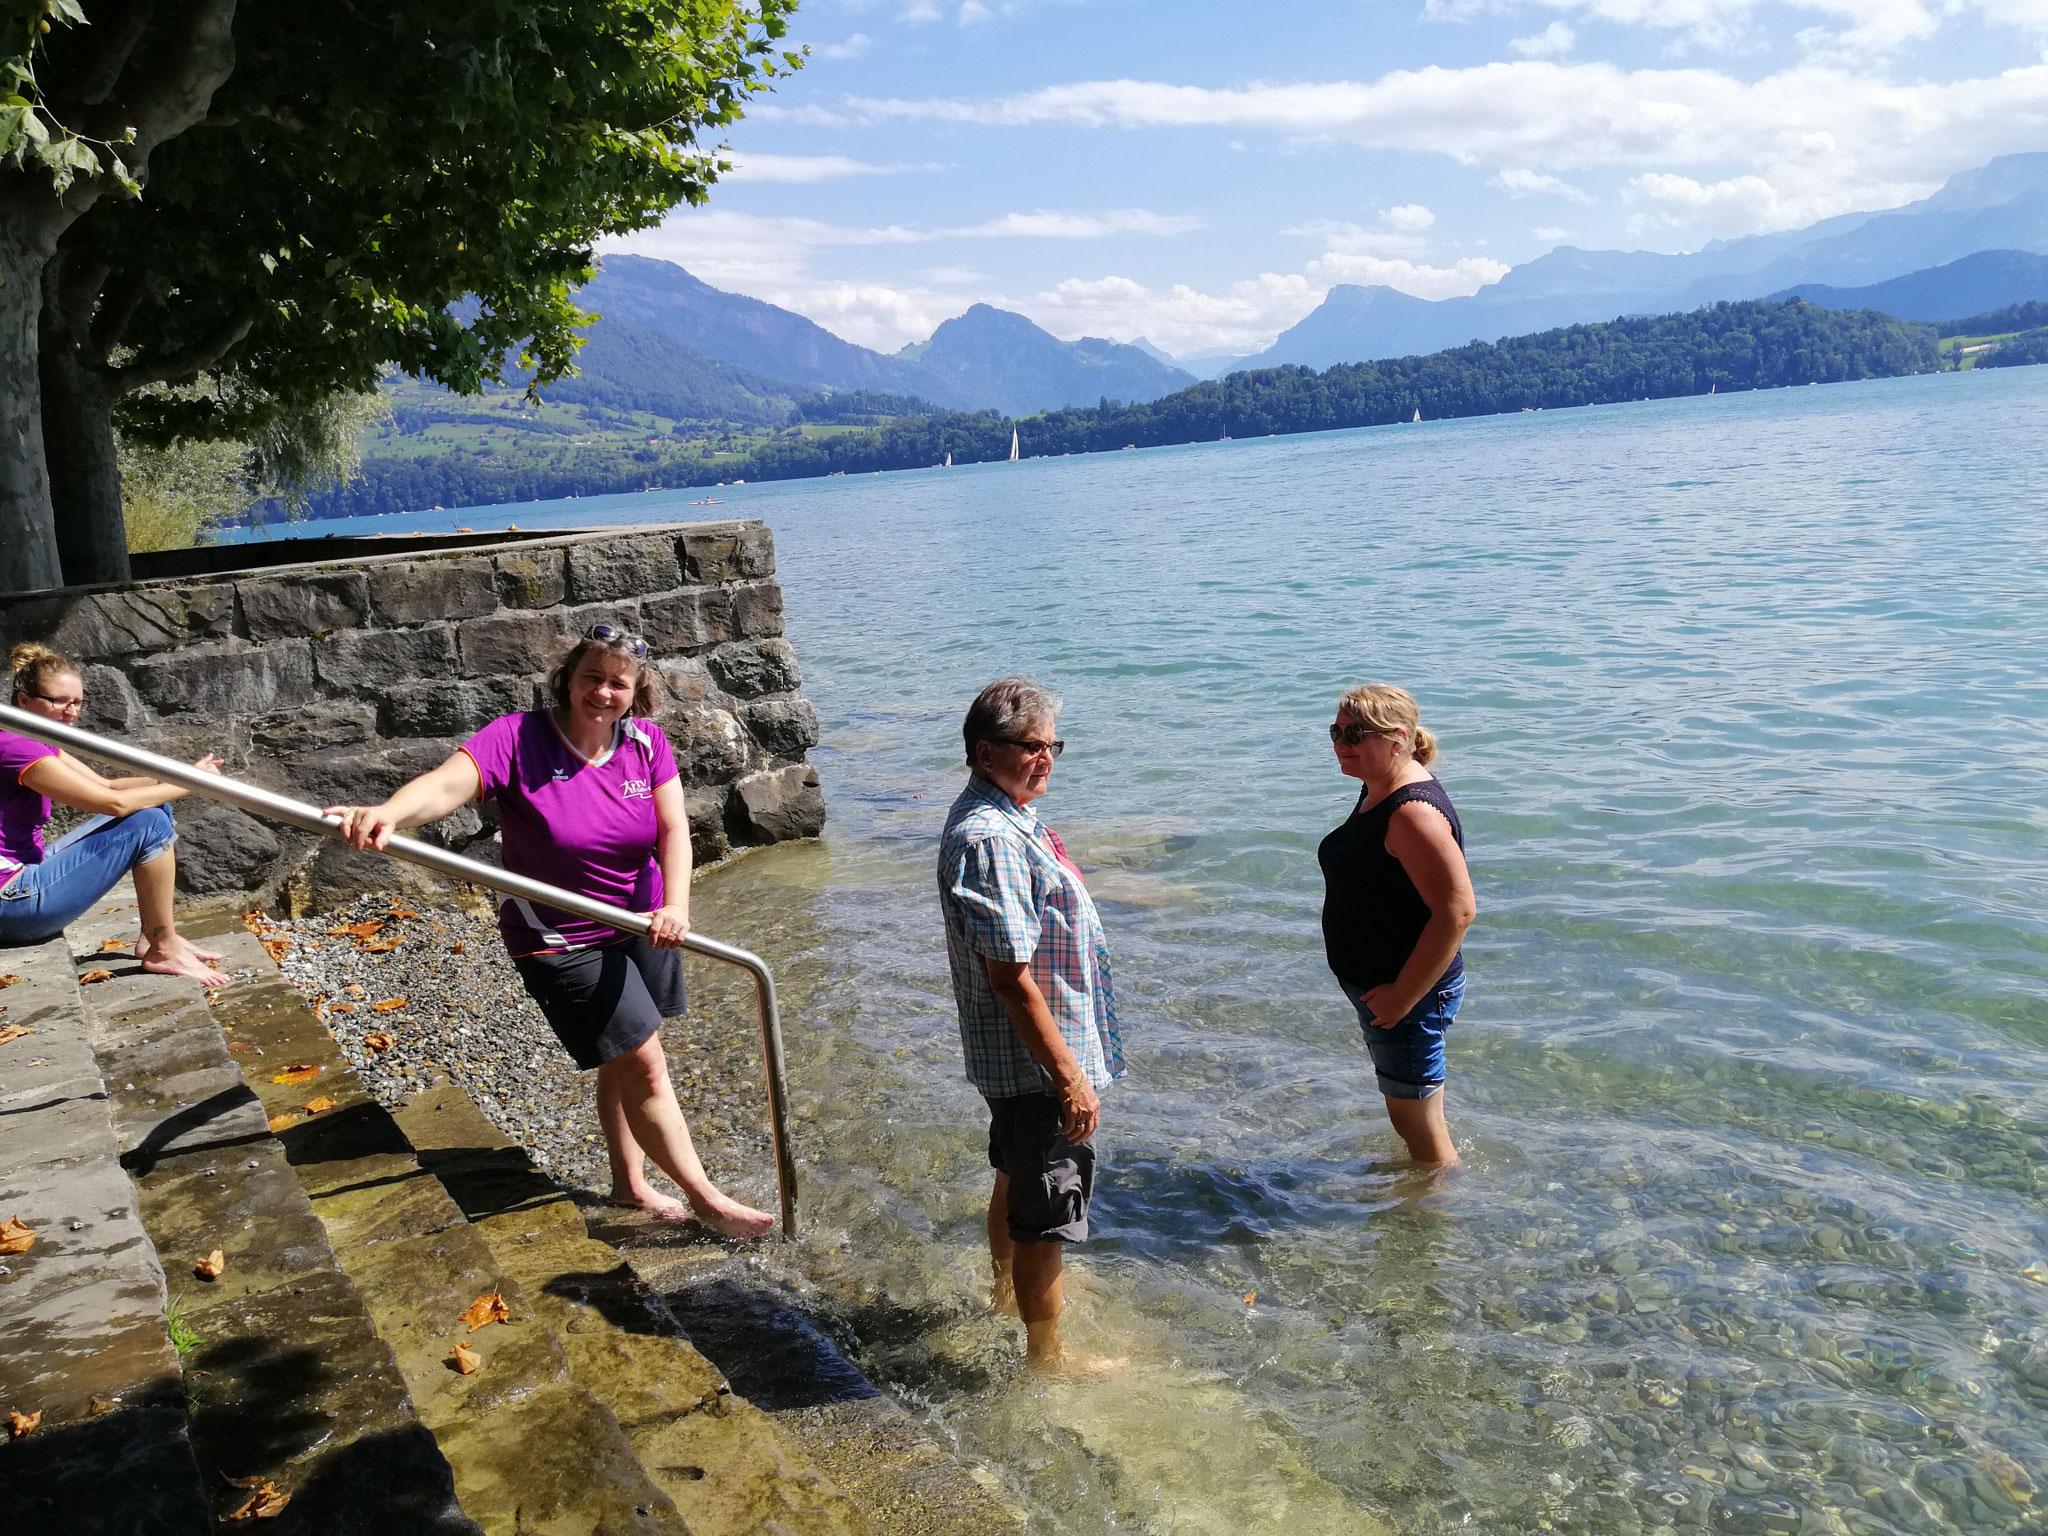 Am See angekommen, hatten wir Zeit unsere Füsse zu kühlen oder sogar ein Bad zu nehmen.